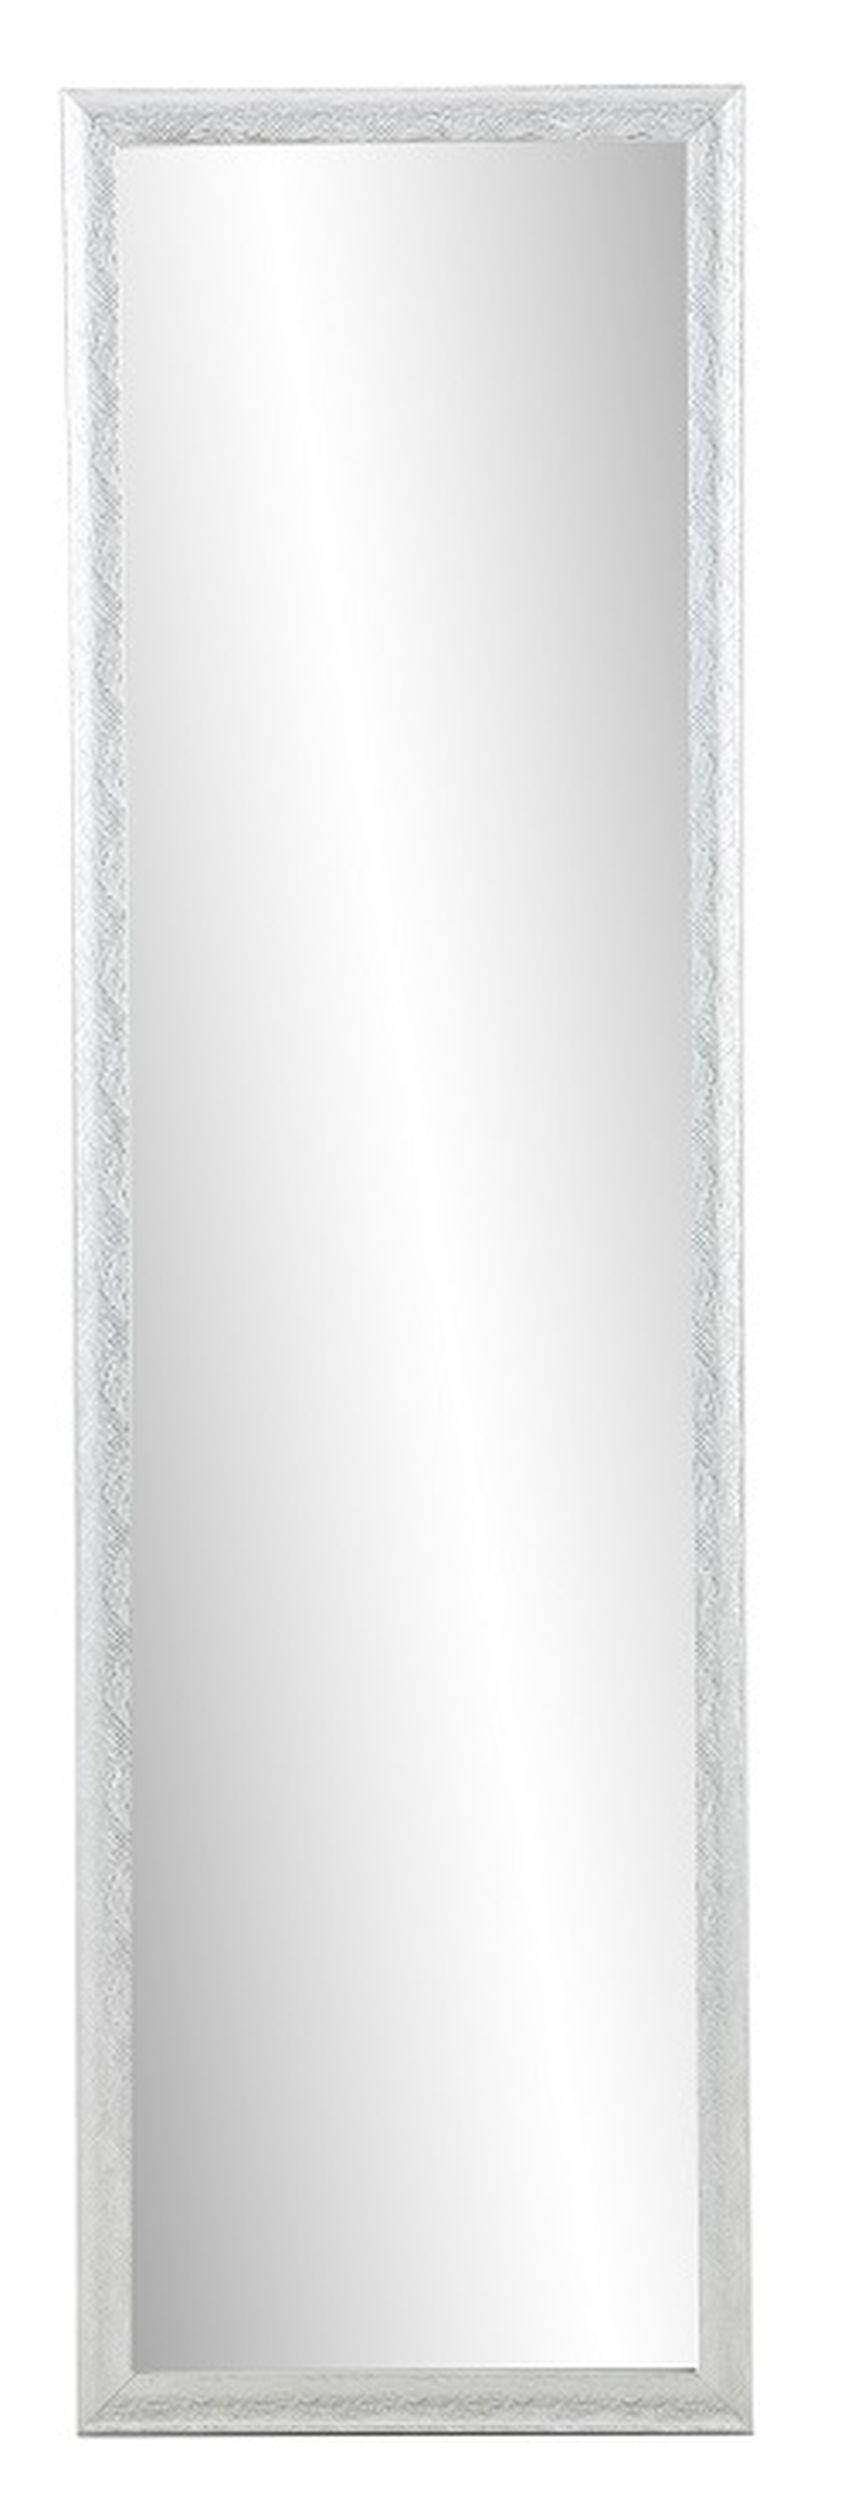 Rahmenspiegel 35x125cm MILENA